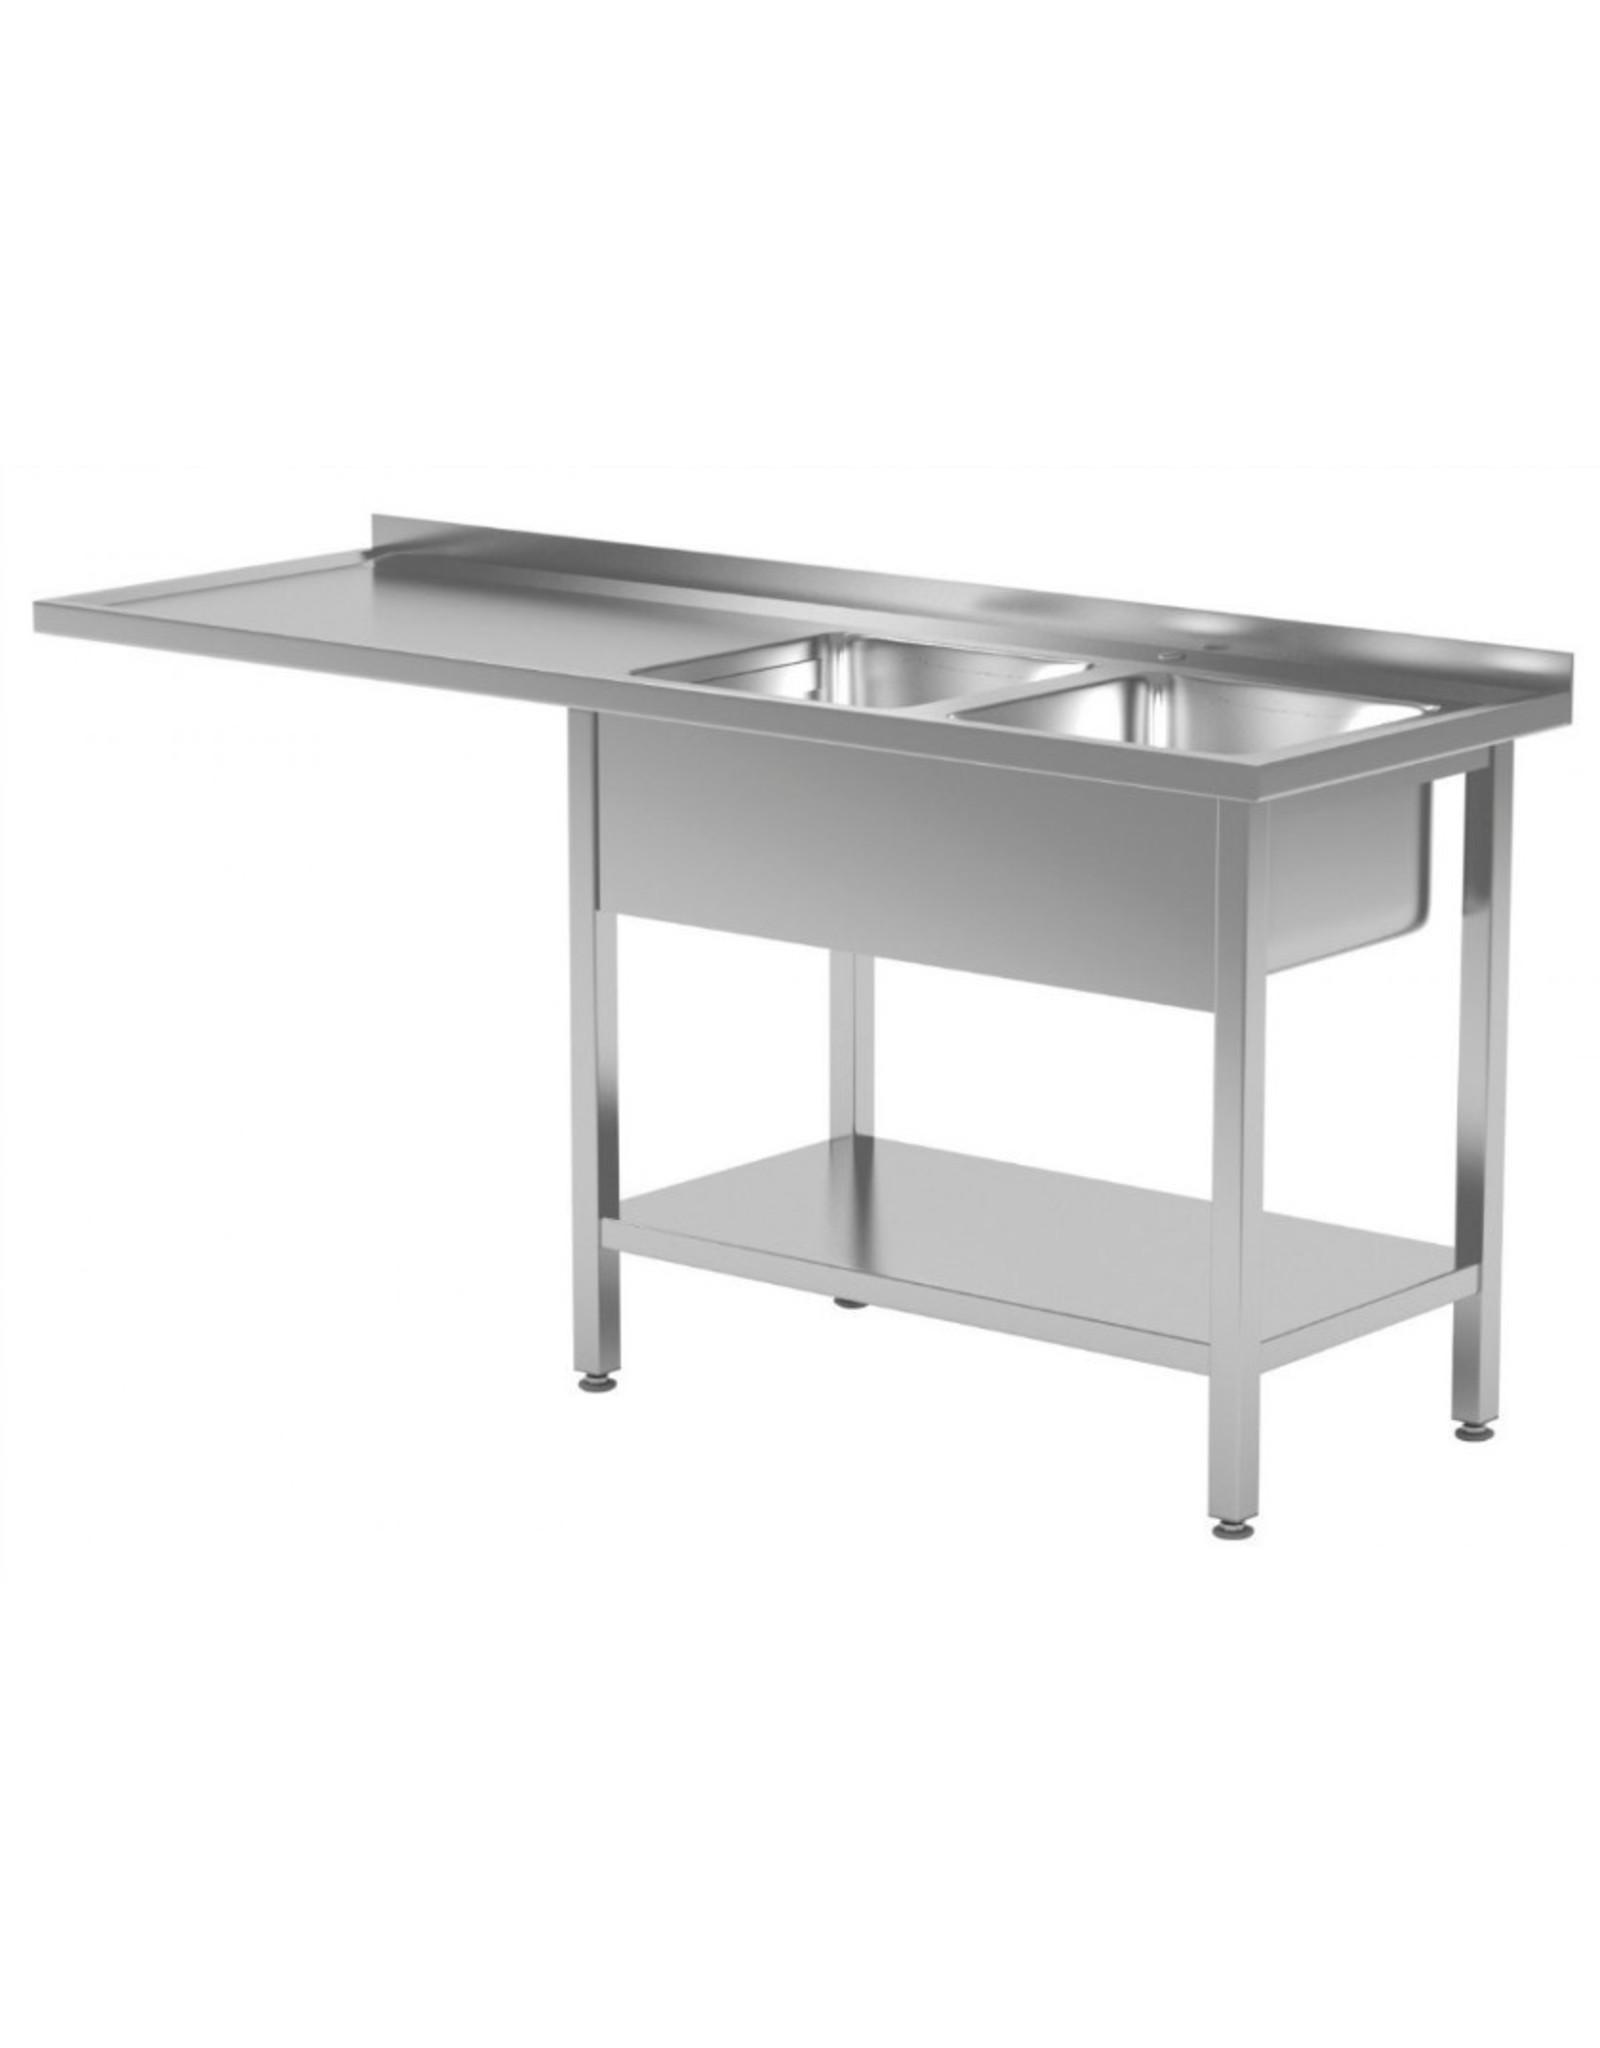 Spoeltafel met blad en onderruimte | 2 spoelbakken rechts | 1600-2400mm breed | 600 of 700mm diep